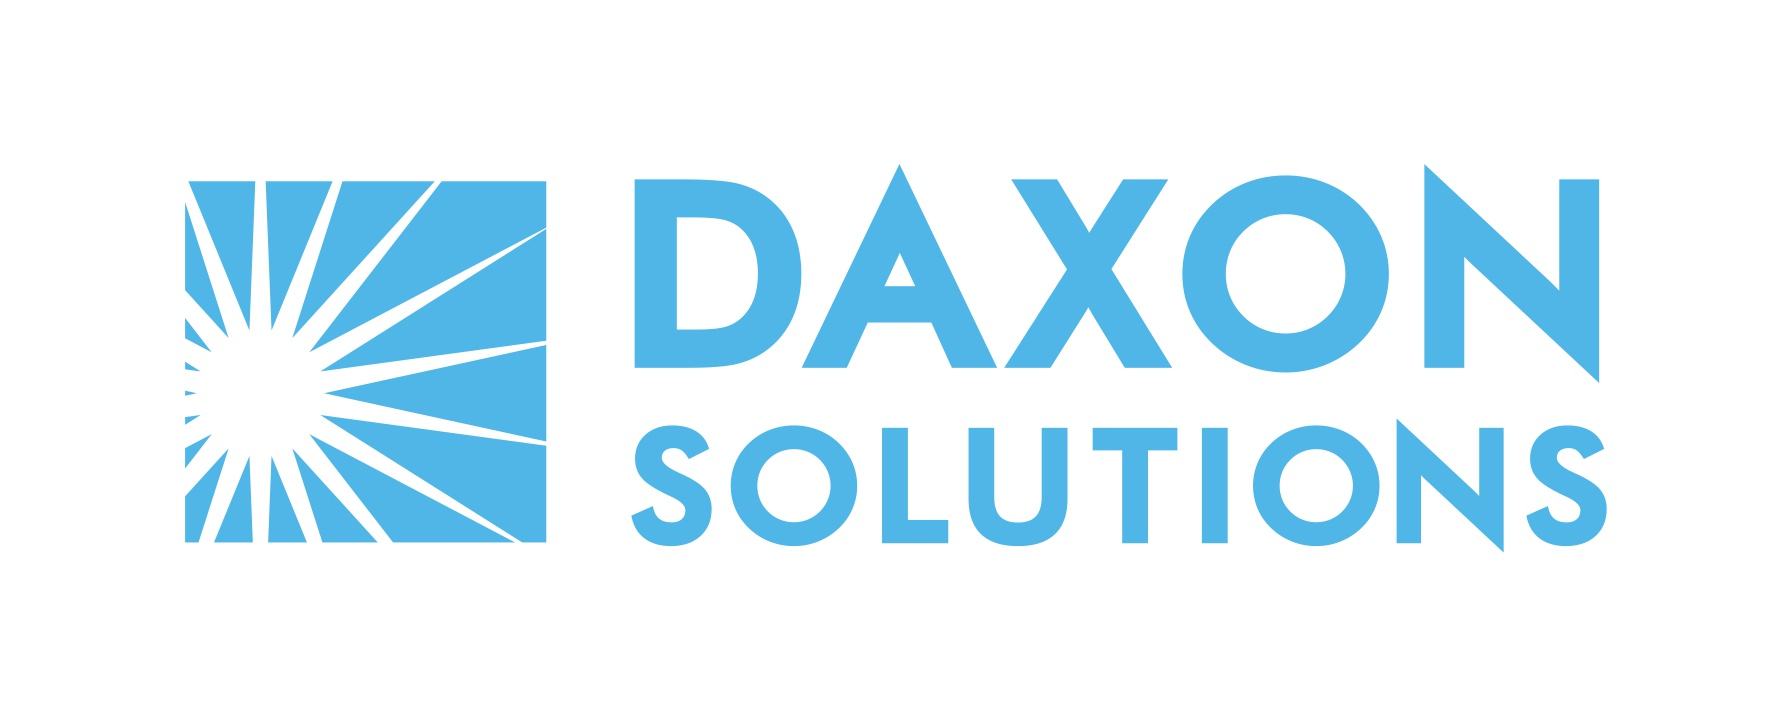 daxon solutions logo